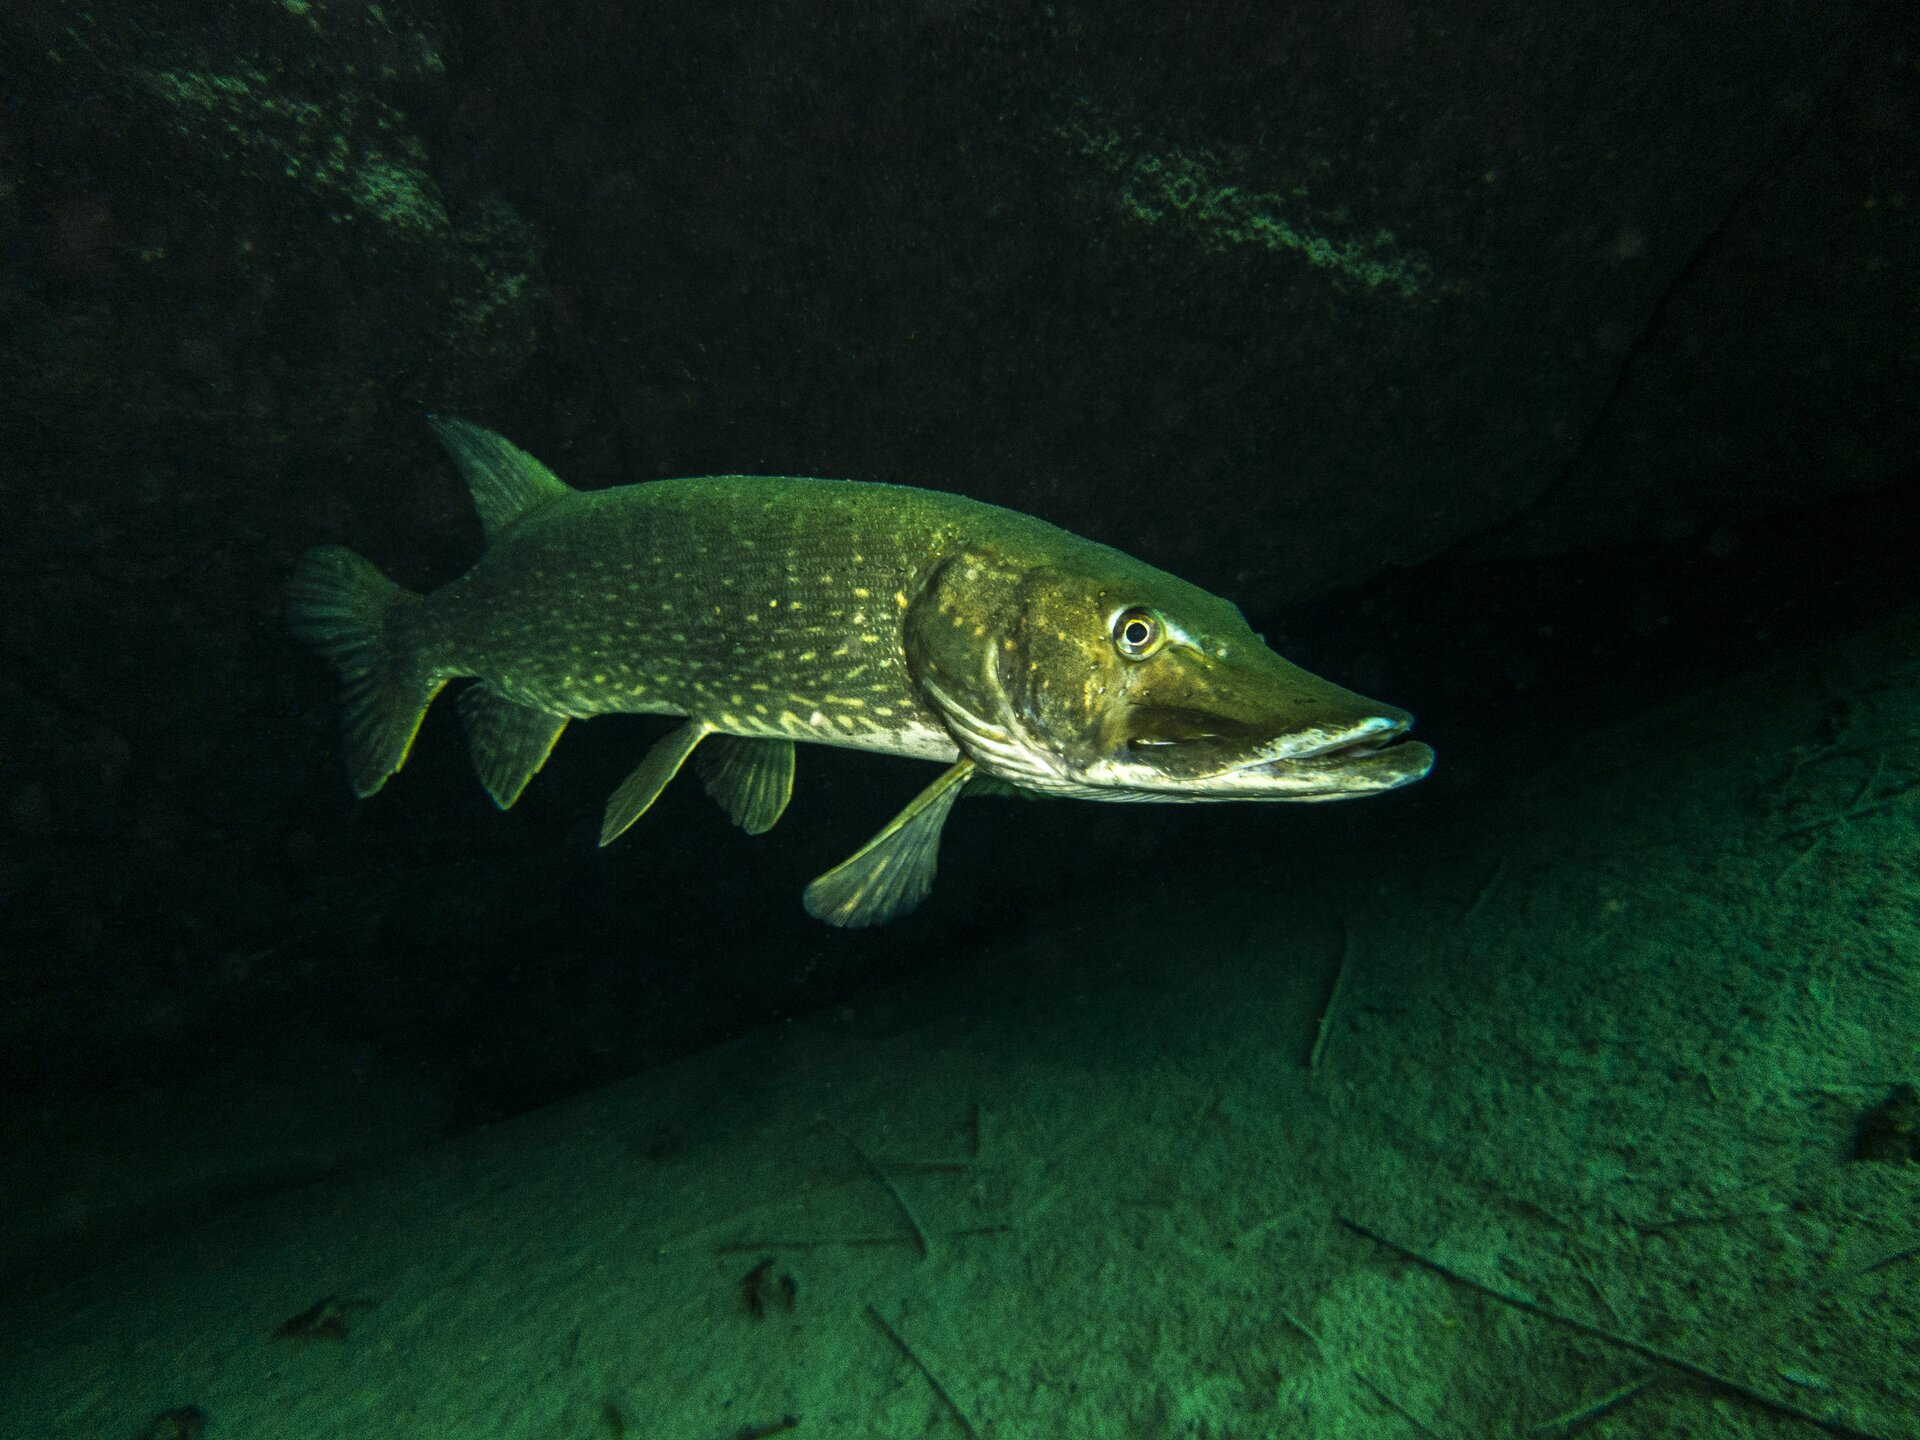 Fotografia przedstawia rybę wwodzie, płynącą wkierunku obserwatora. Jest to ilustracja dużej pojemności cieplnej wody ijej znaczenia dla stworzenia stabilnego środowiska życia organizmów.